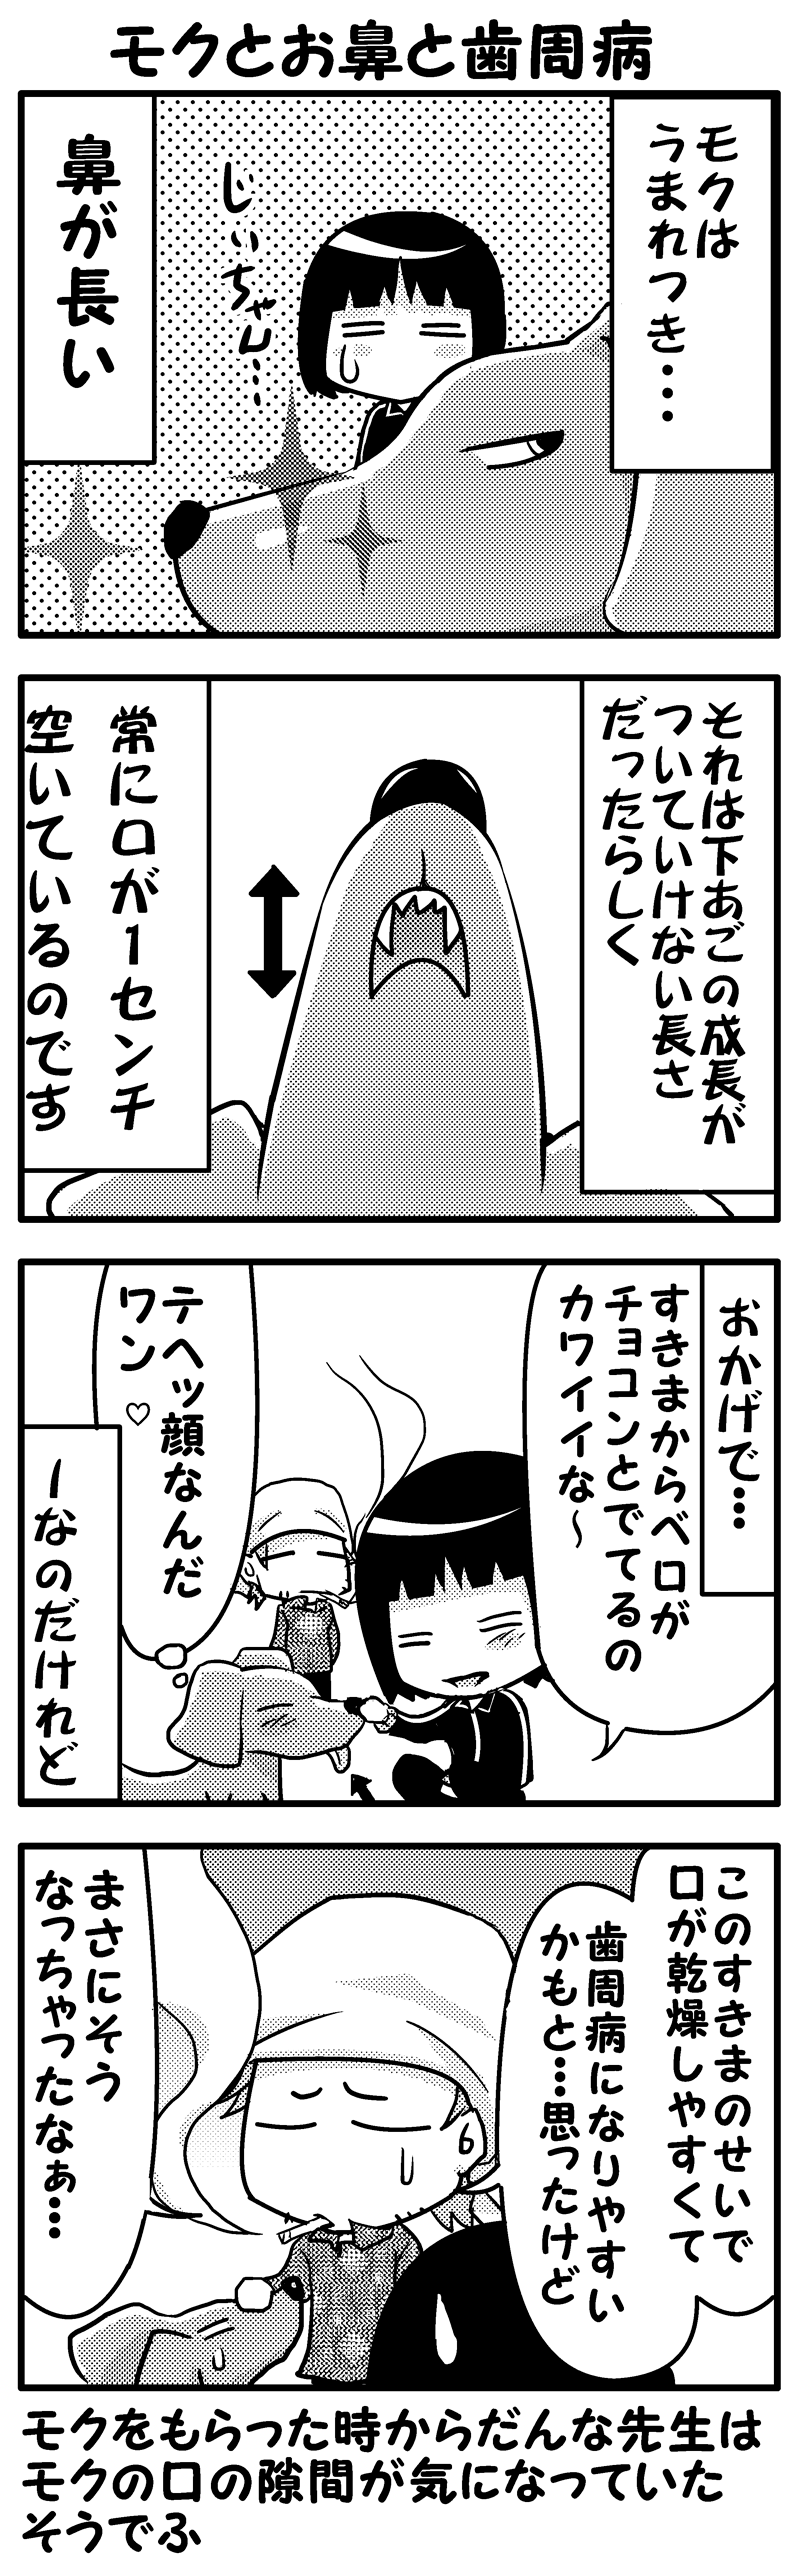 モクとお鼻と歯周病